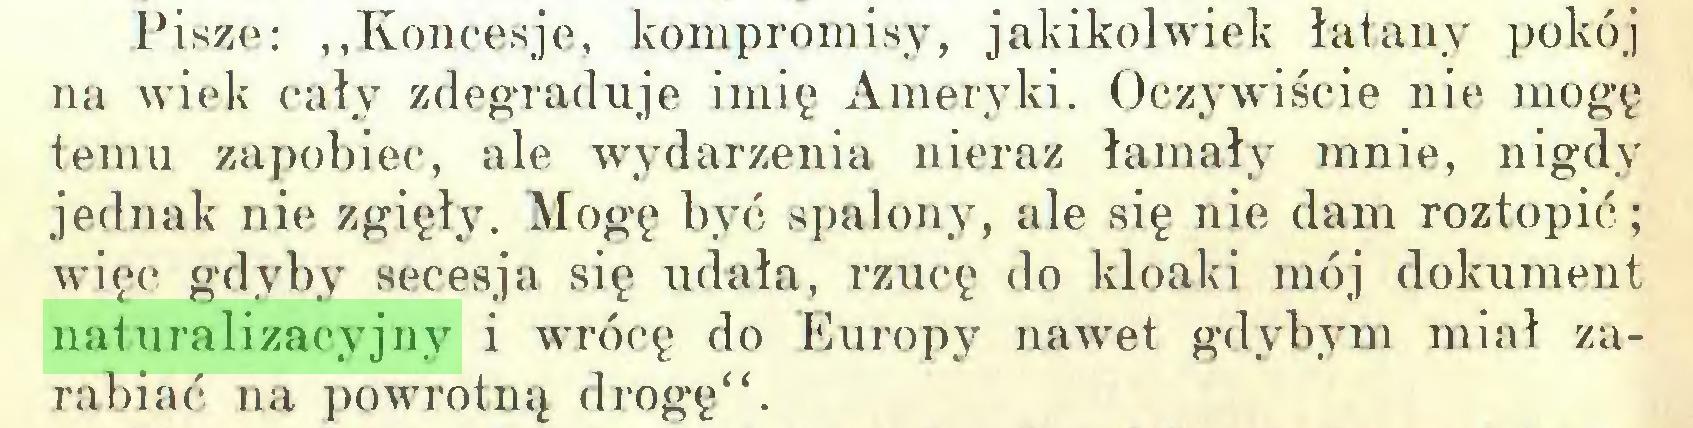 """(...) Pisze: """"Koncesje, kompromisy, jakikolwiek łatany pokój na wiek cały zdegraduje imię Ameryki. Oczywiście nie mogę temu zapobiec, ale wydarzenia nieraz łamały mnie, nigdy jednak nie zgięły. Mogę być spalony, ale się nie dam roztopić; więc gdyby secesja się udała, rzucę do kloaki mój dokument naturalizacyjny i wrócę do Europy nawet gdybym miał zarabiać na powrotną drogę""""..."""